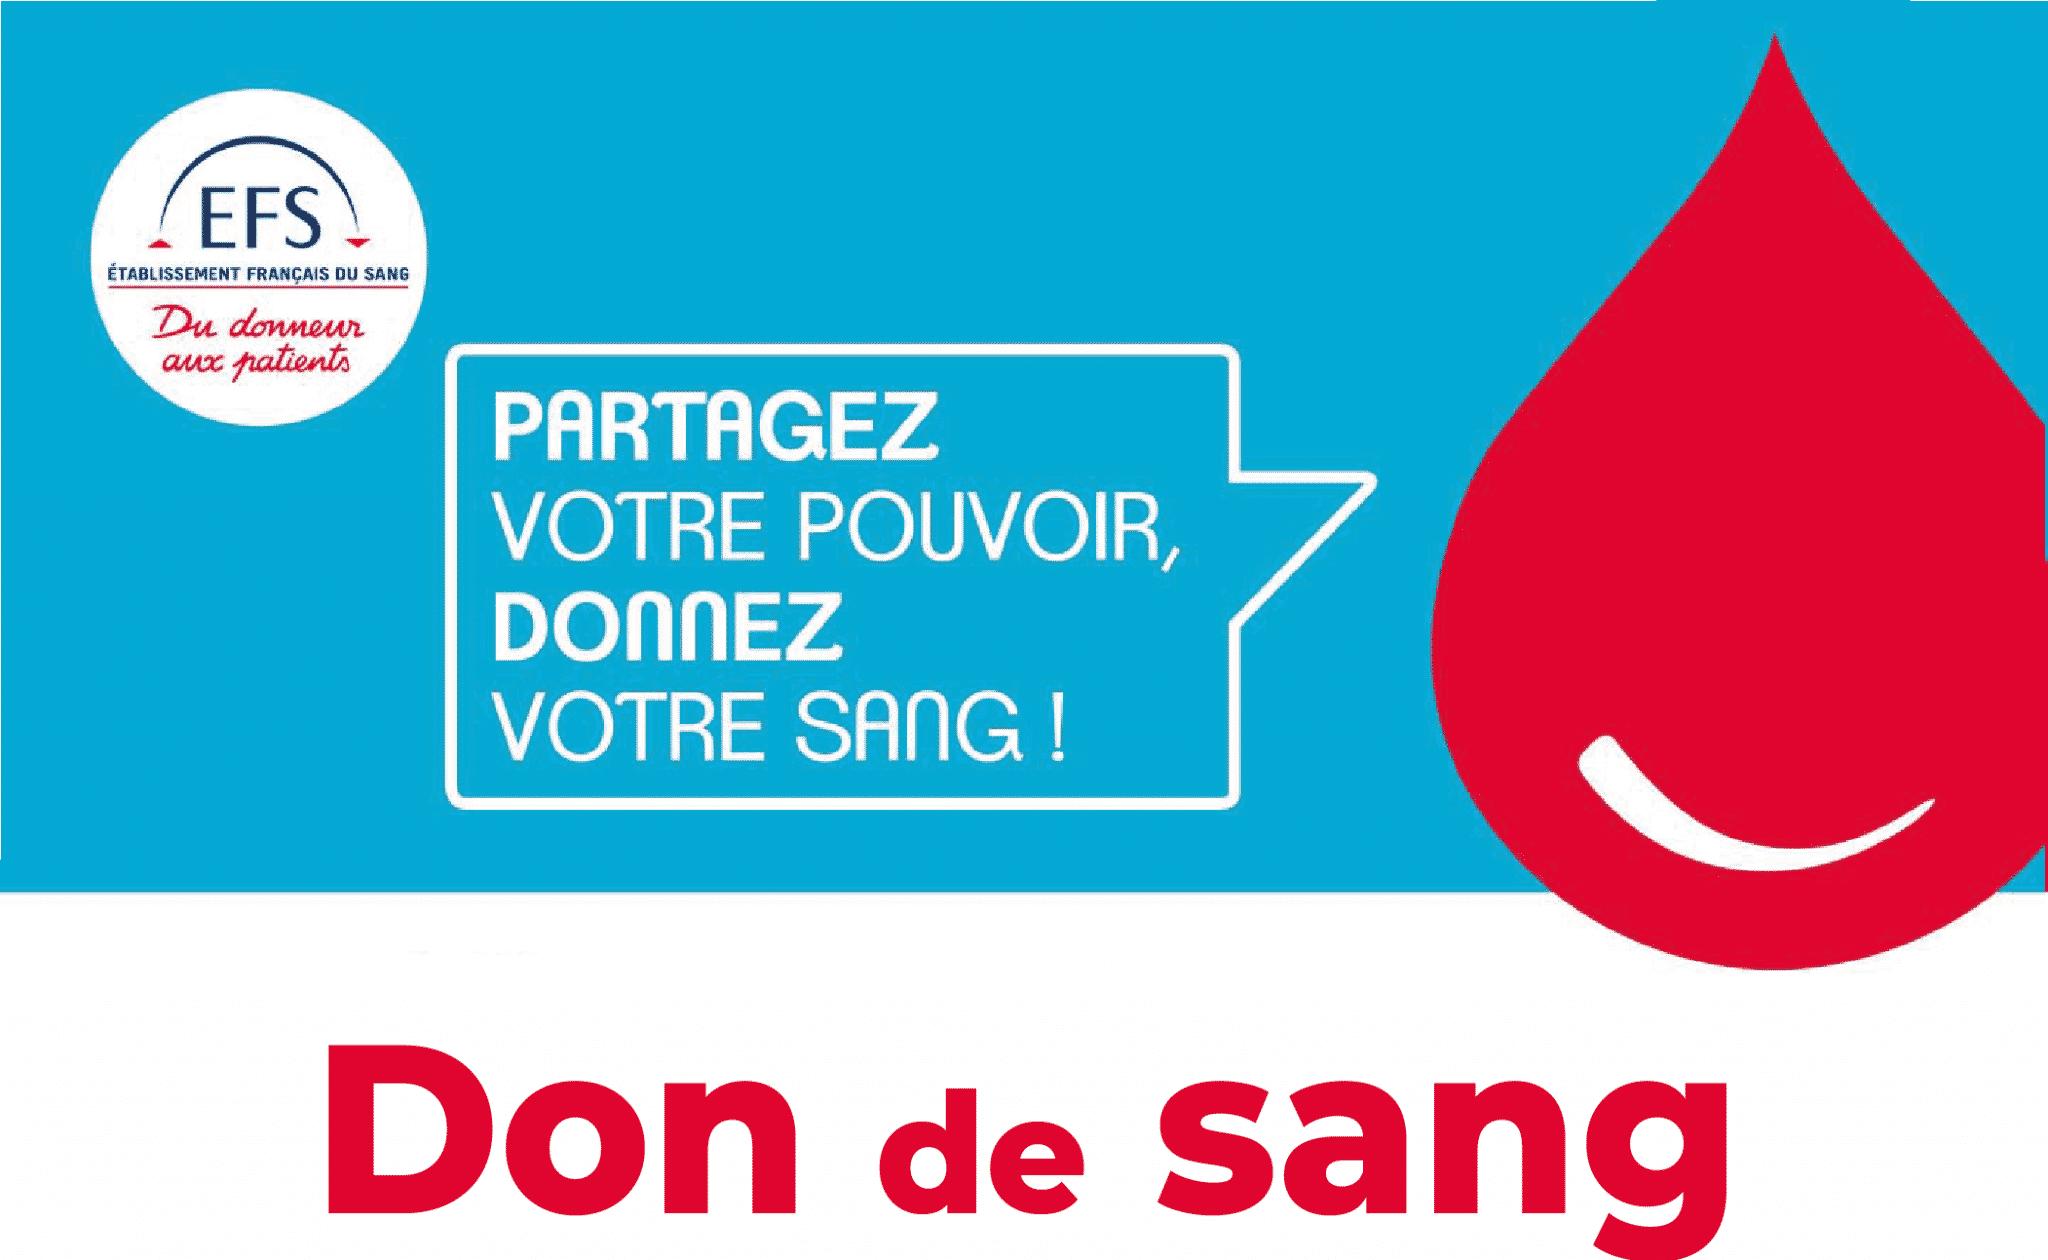 Don du sang à Alençon vendredi 19 mars 2021 de 10h à 14h